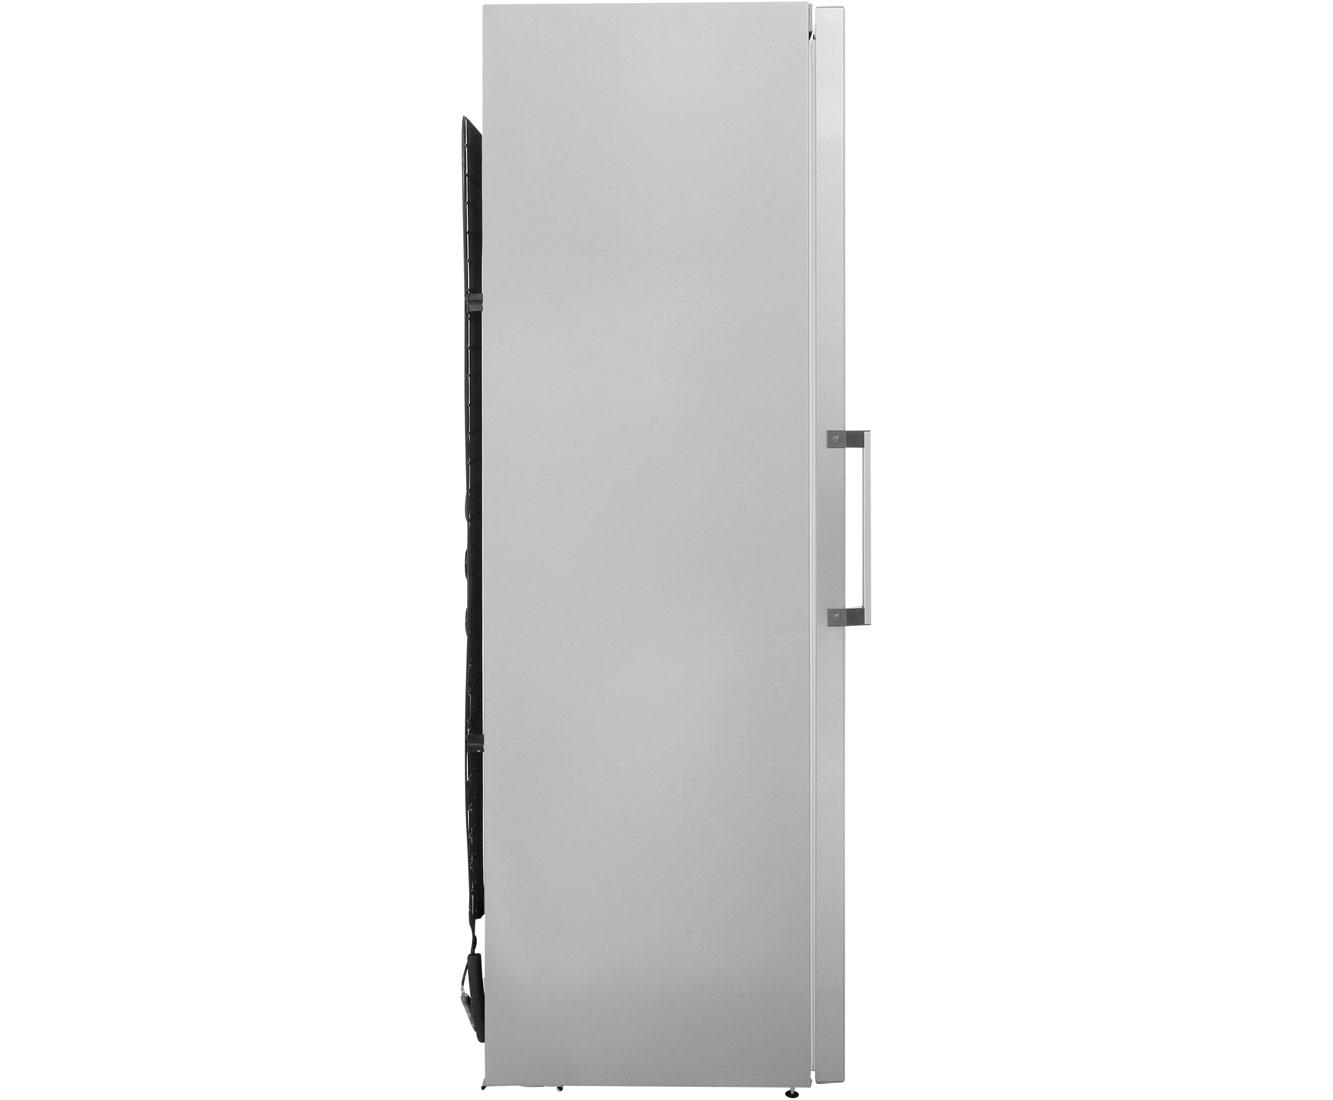 Gorenje Kühlschrank Rückseite : Kühlschrank neu gorenje r lx kühlschrank freistehend cm